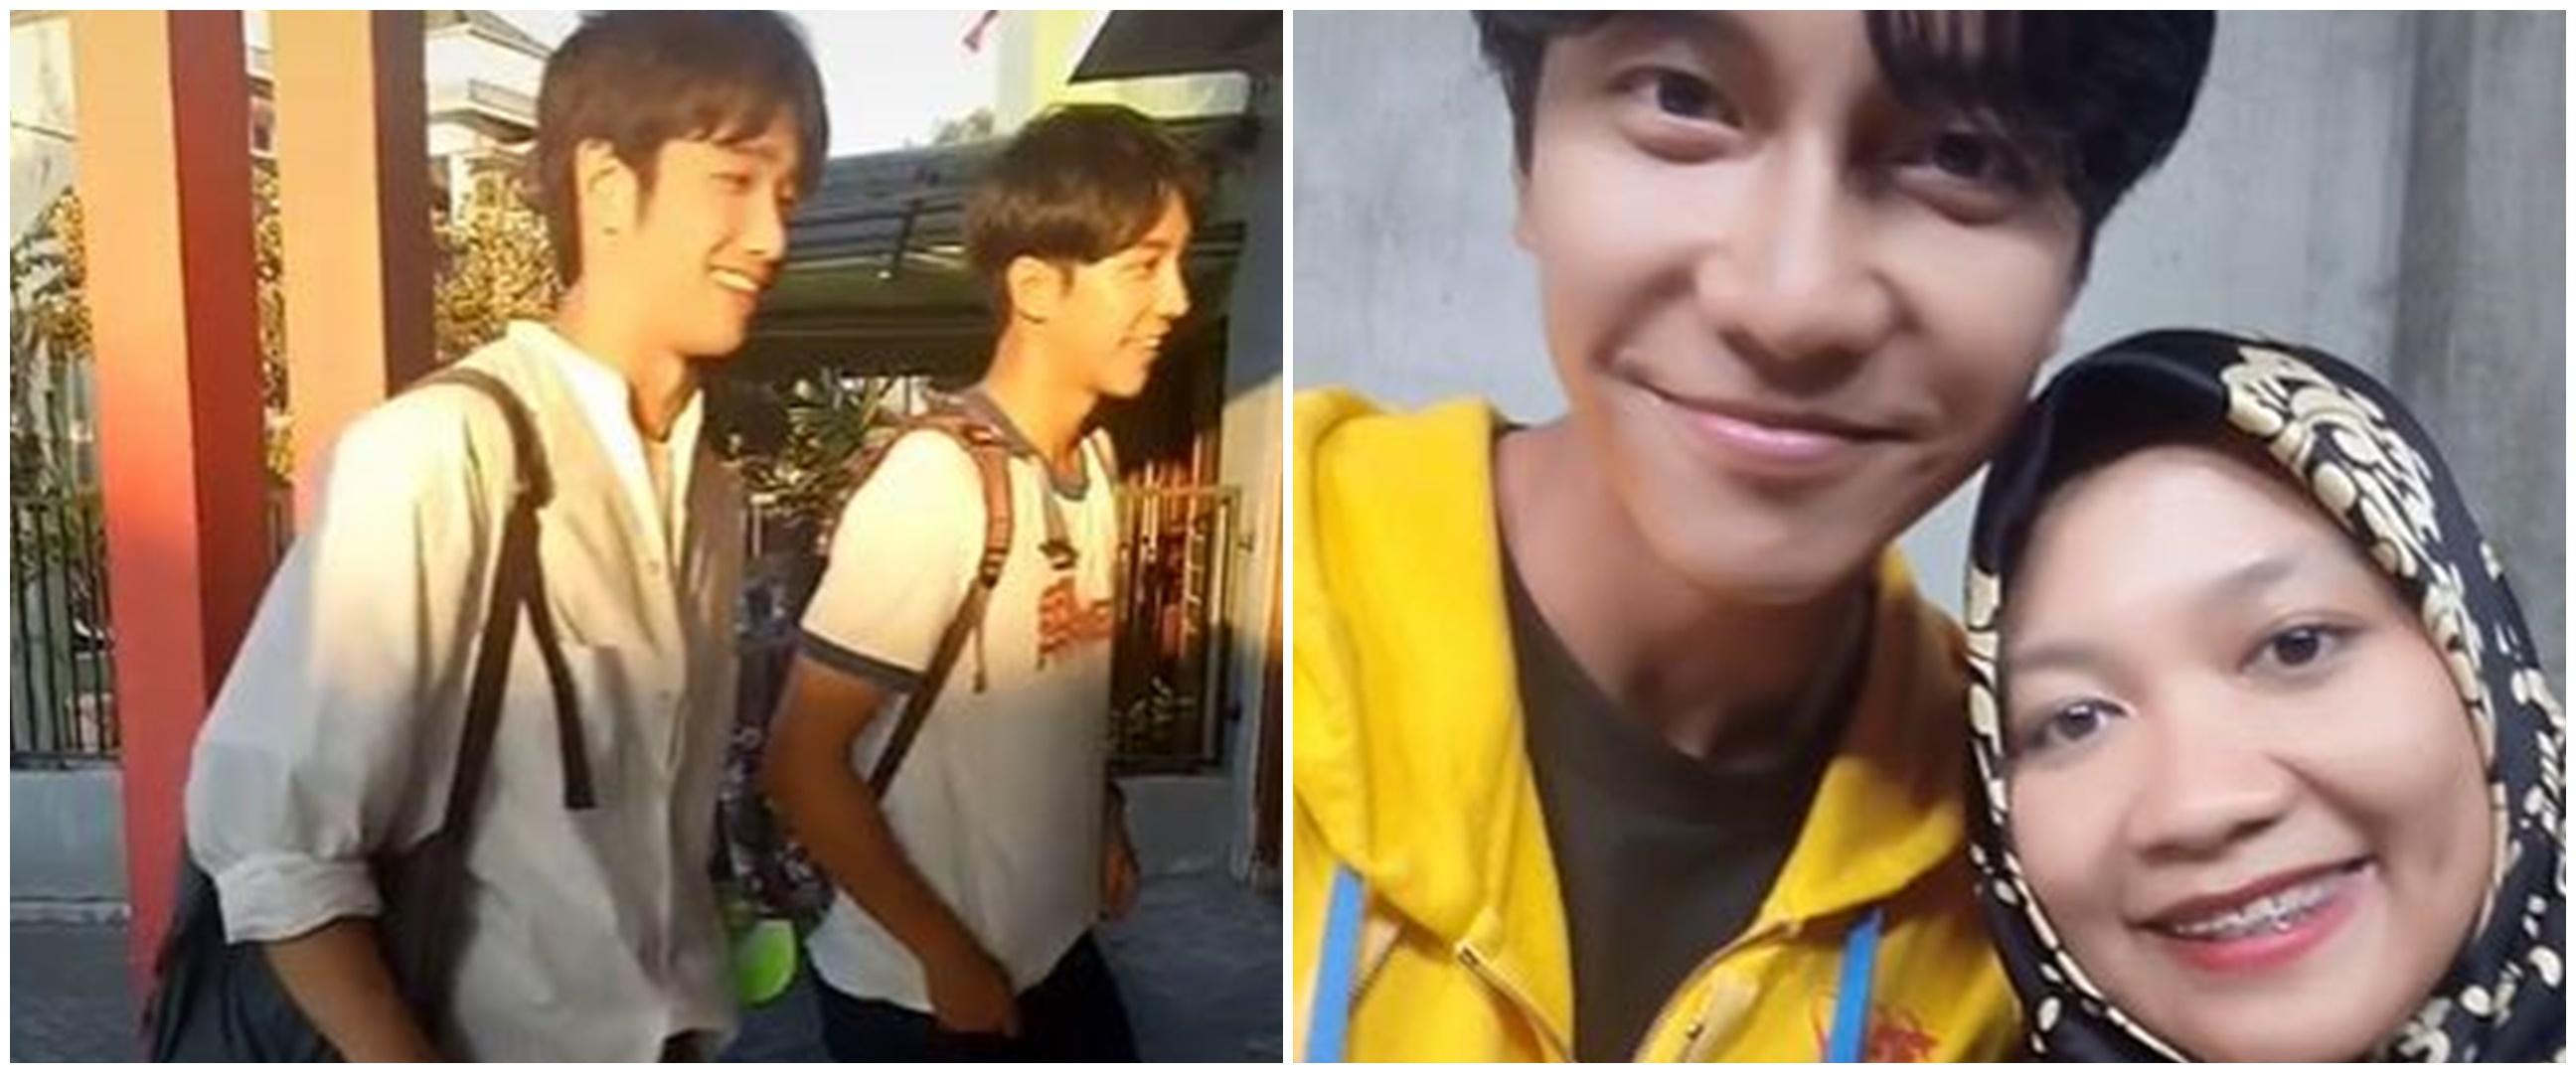 Kisah wanita dikunjungi Lee Seung-gi dan Jasper Liu, bikin fans sirik